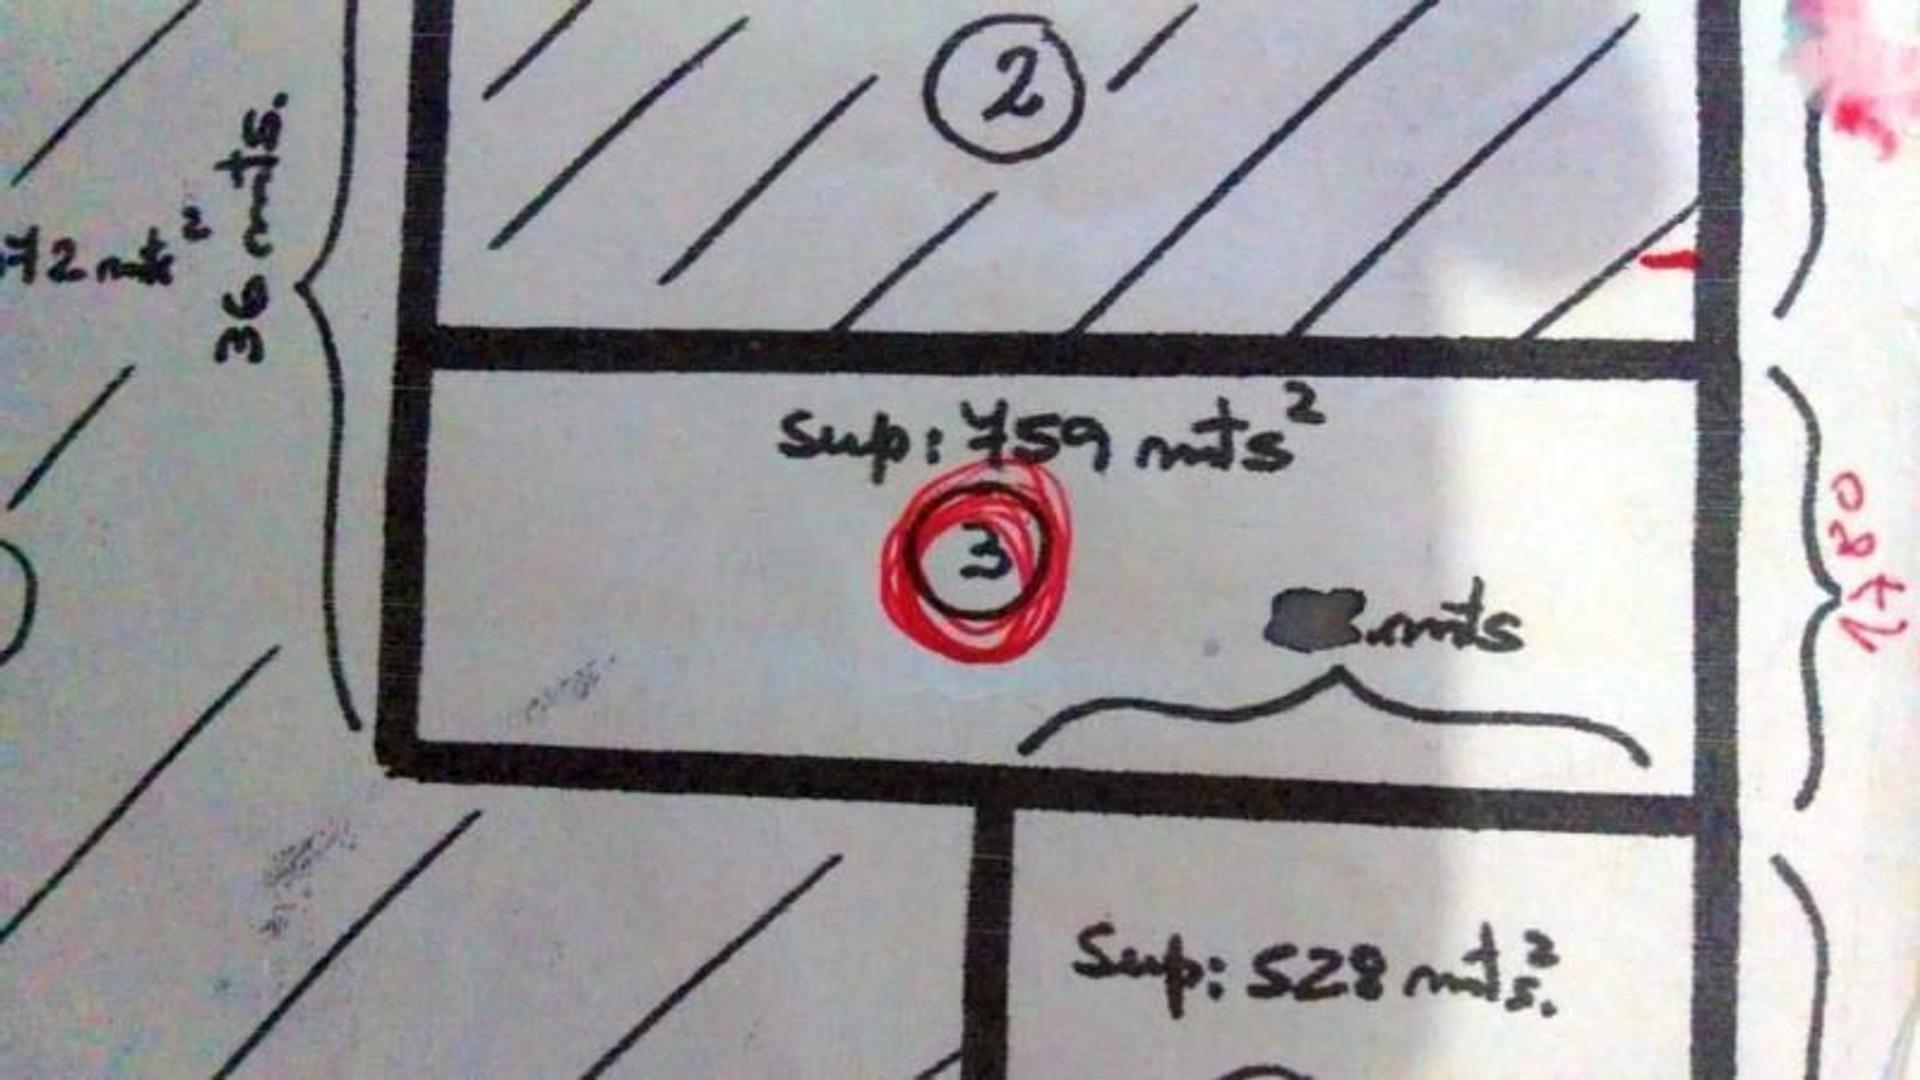 LOTE 760 m2 – Barrio Nuevo – Centro – San Marcos Sierras